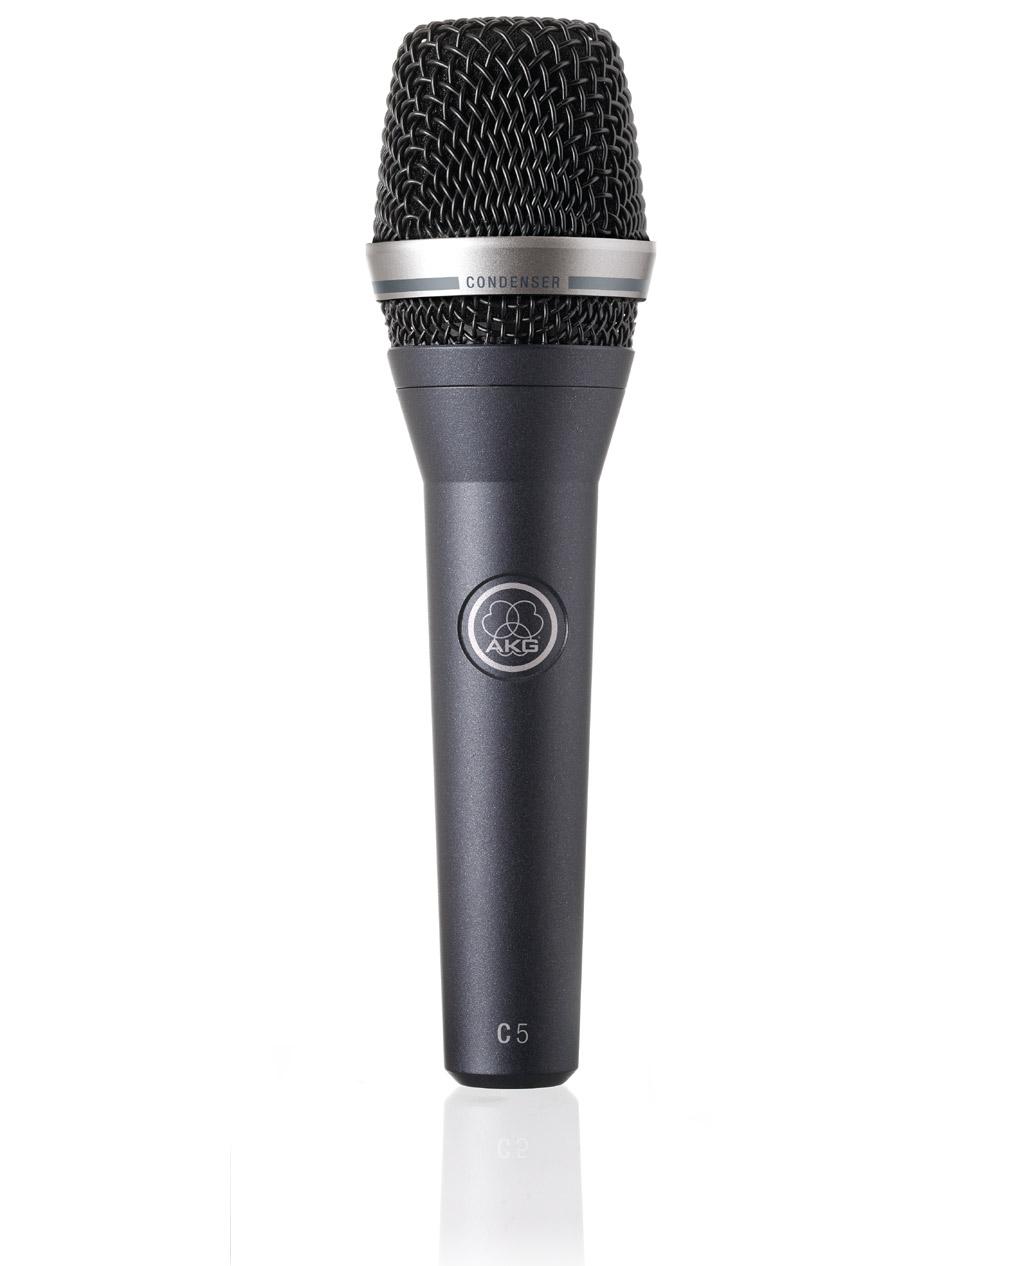 Powieksz do pelnego rozmiaru AKG C 5, C5, C-5, mikrofon ręczny, mikrofon przewodowy, mikrofon pojemnościowy, mikrofon kardioidalny, mikrofon wokalowy, mikrofon estradowy, mikrofon studyjny